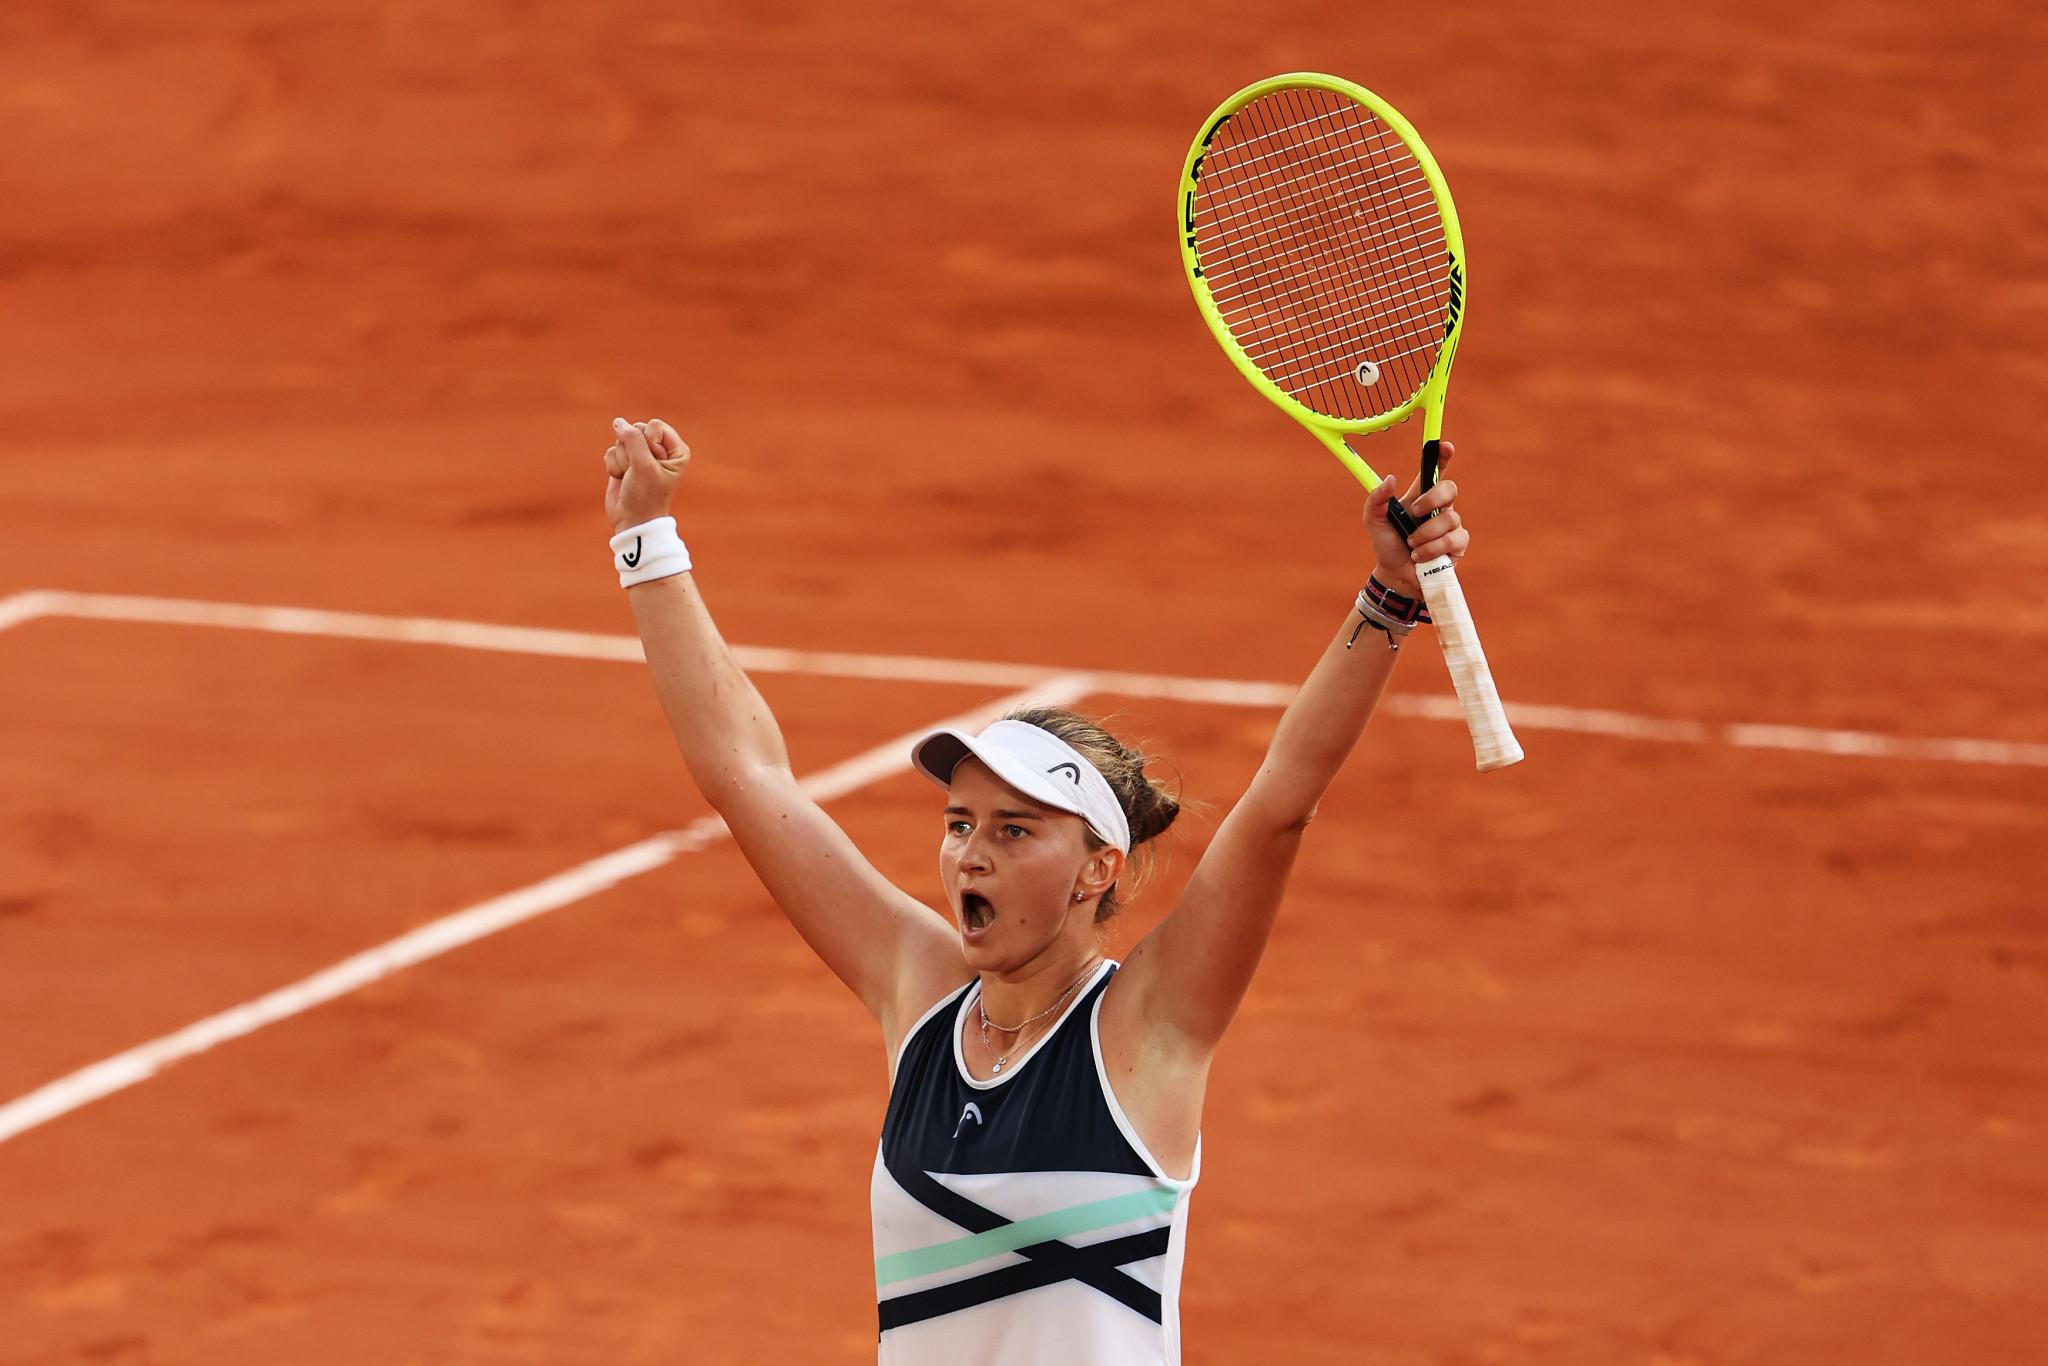 Krejčíková and Pavlyuchenkova set up unlikely French Open final